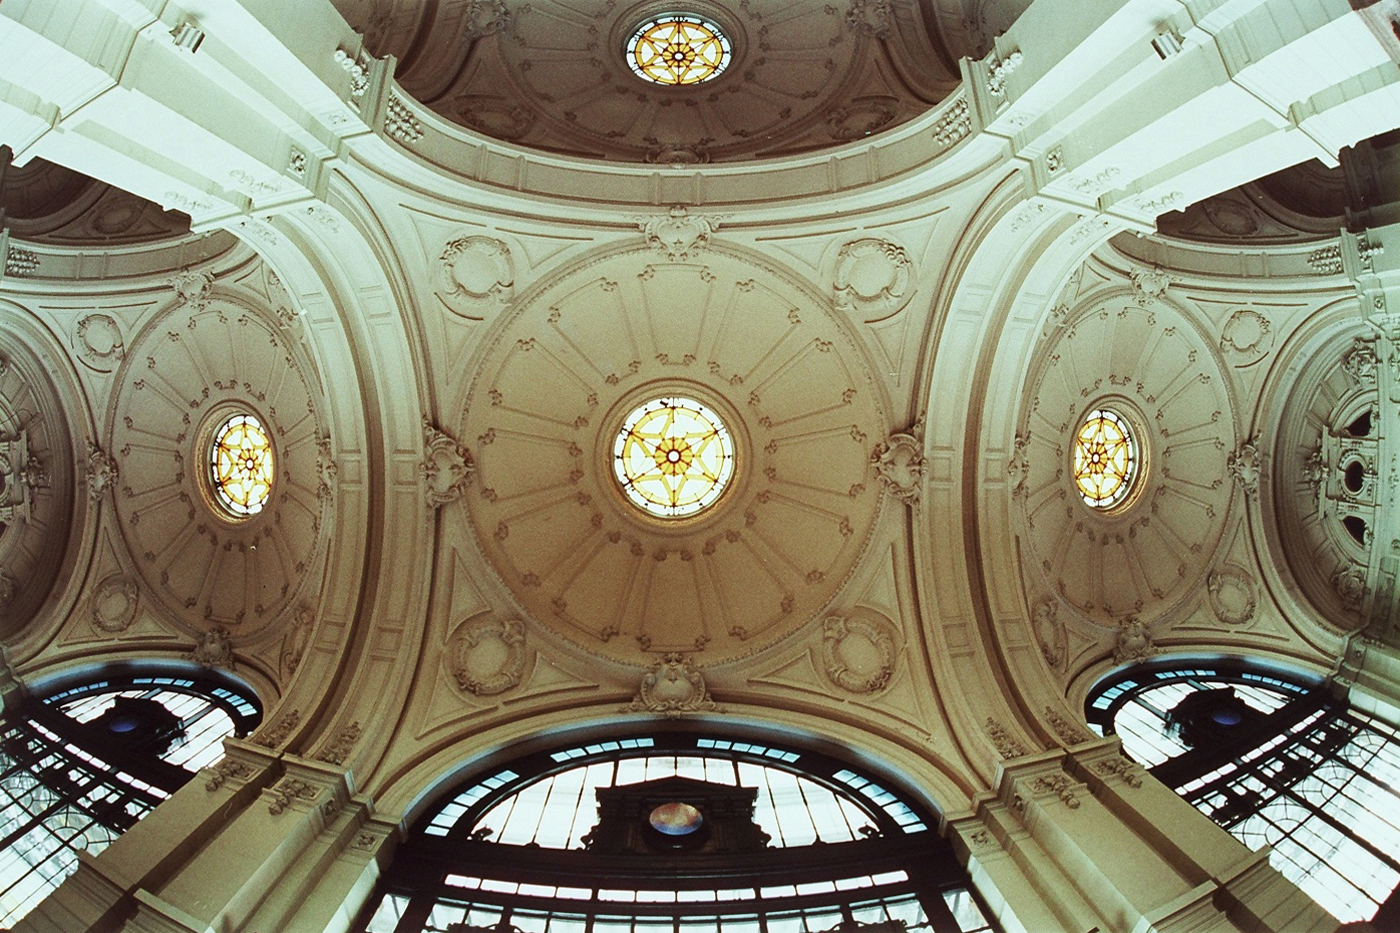 Station Santiago de Chile (1)